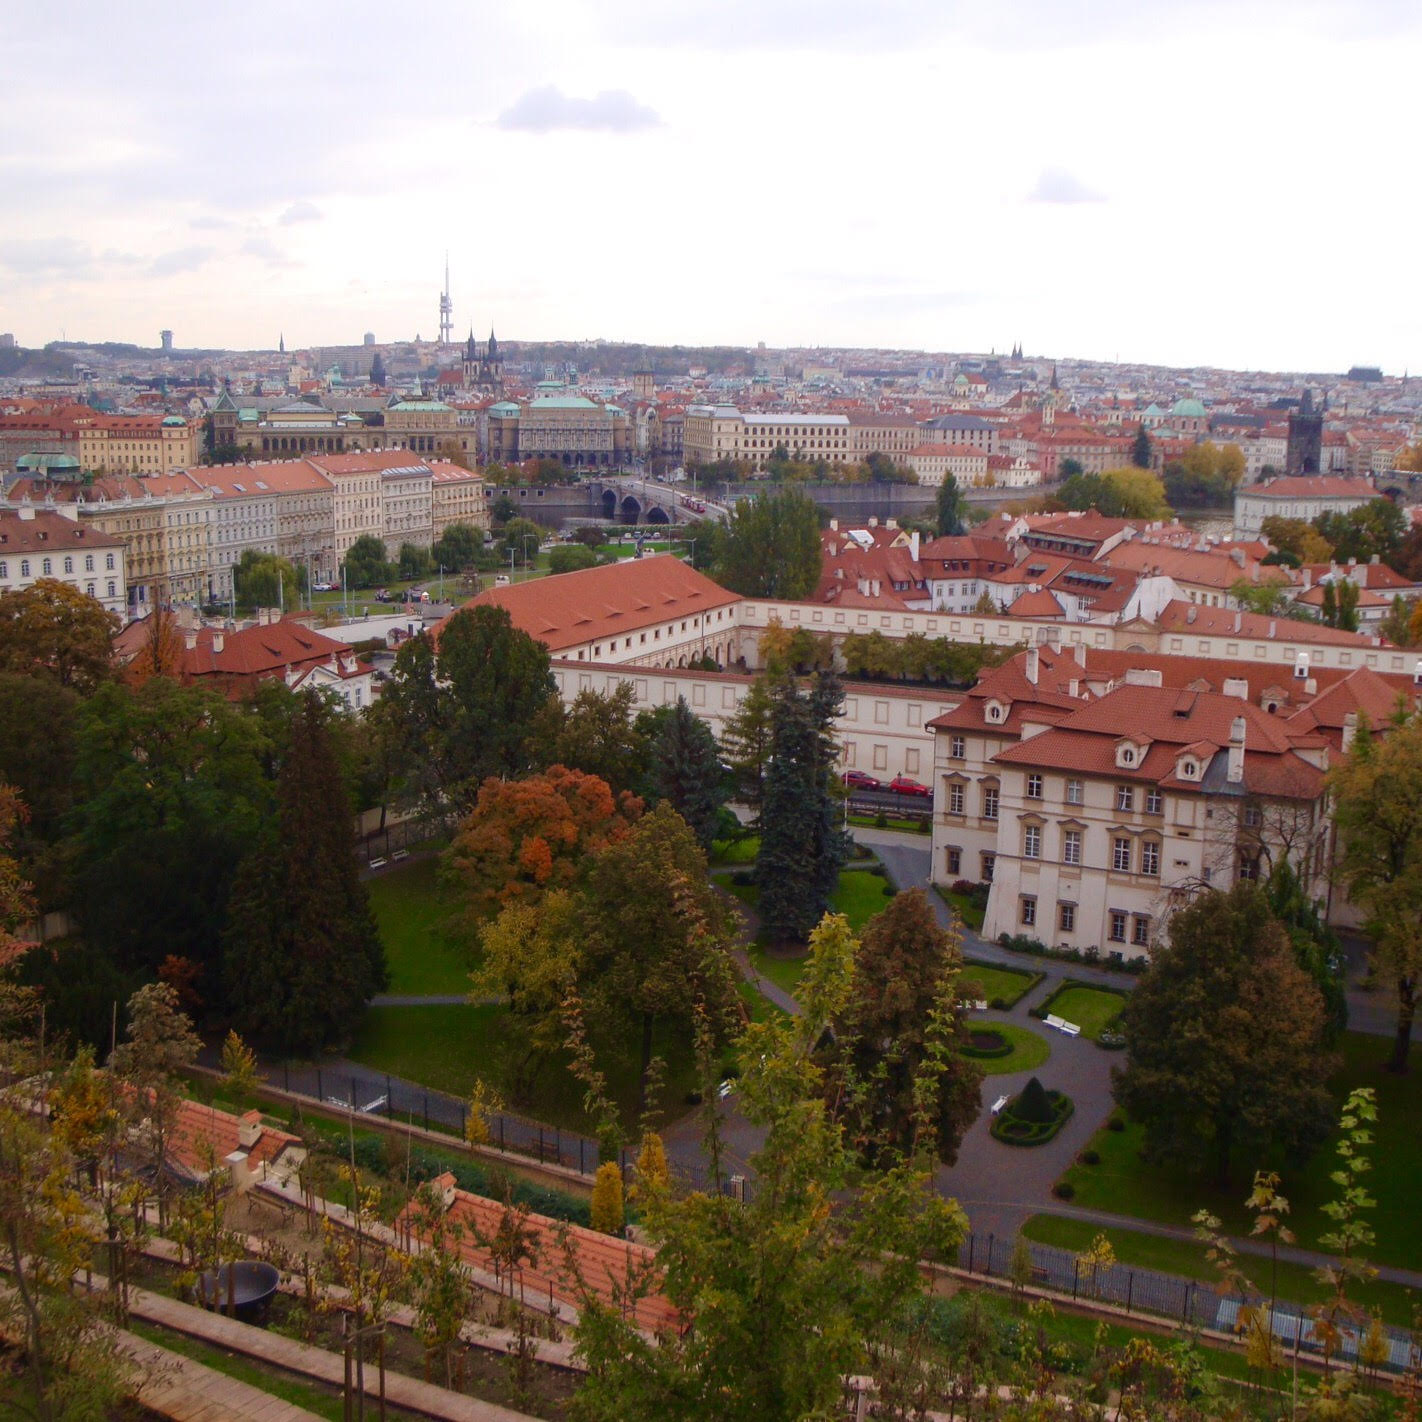 ポーランドの街並み